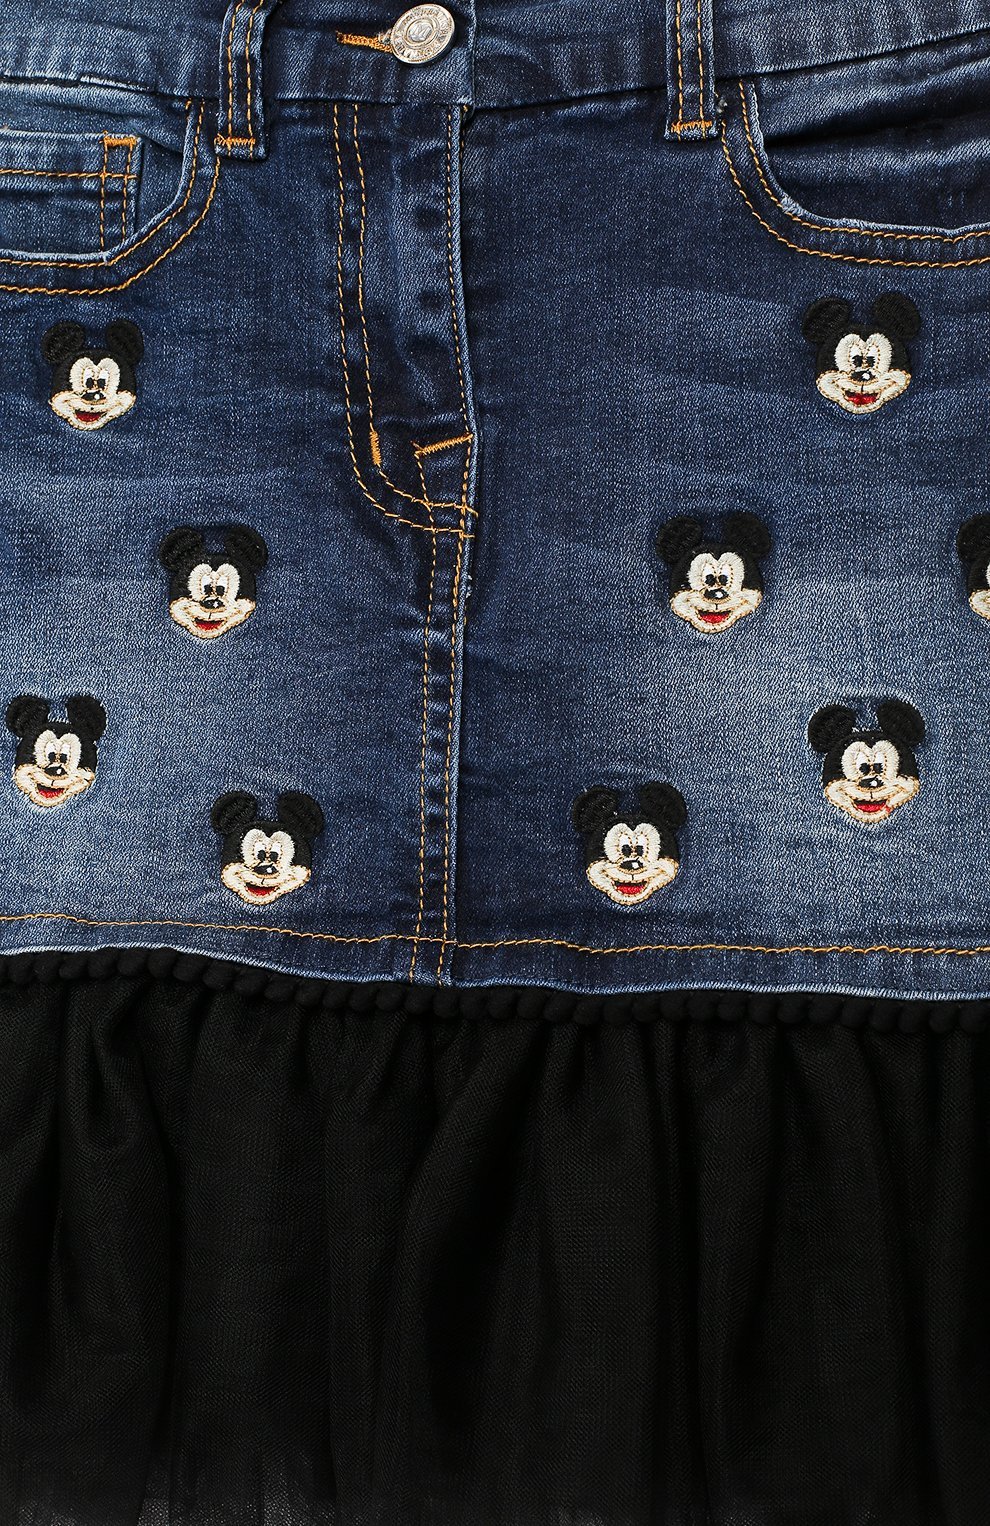 Детская джинсовая юбка с отделкой и вышивкой Monnalisa синего цвета | Фото №3